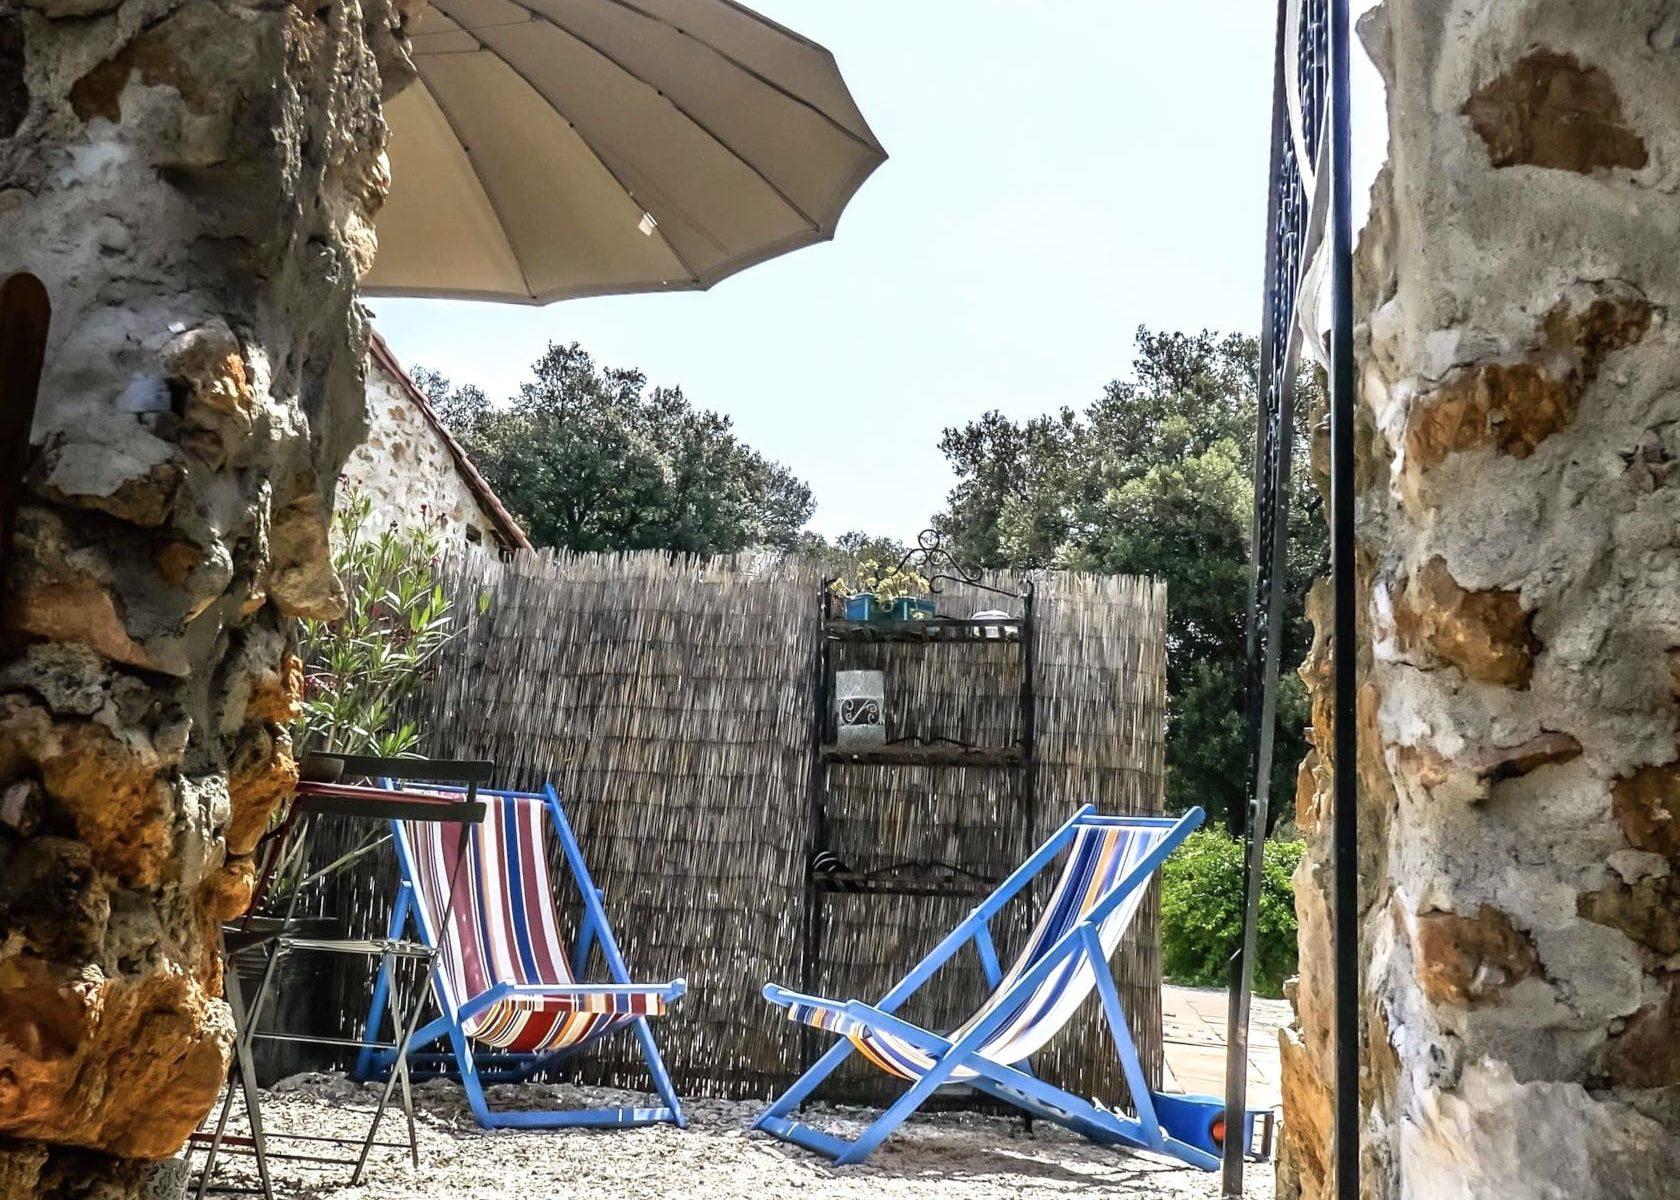 réserver ses vacances et profiter pour vous relaxer